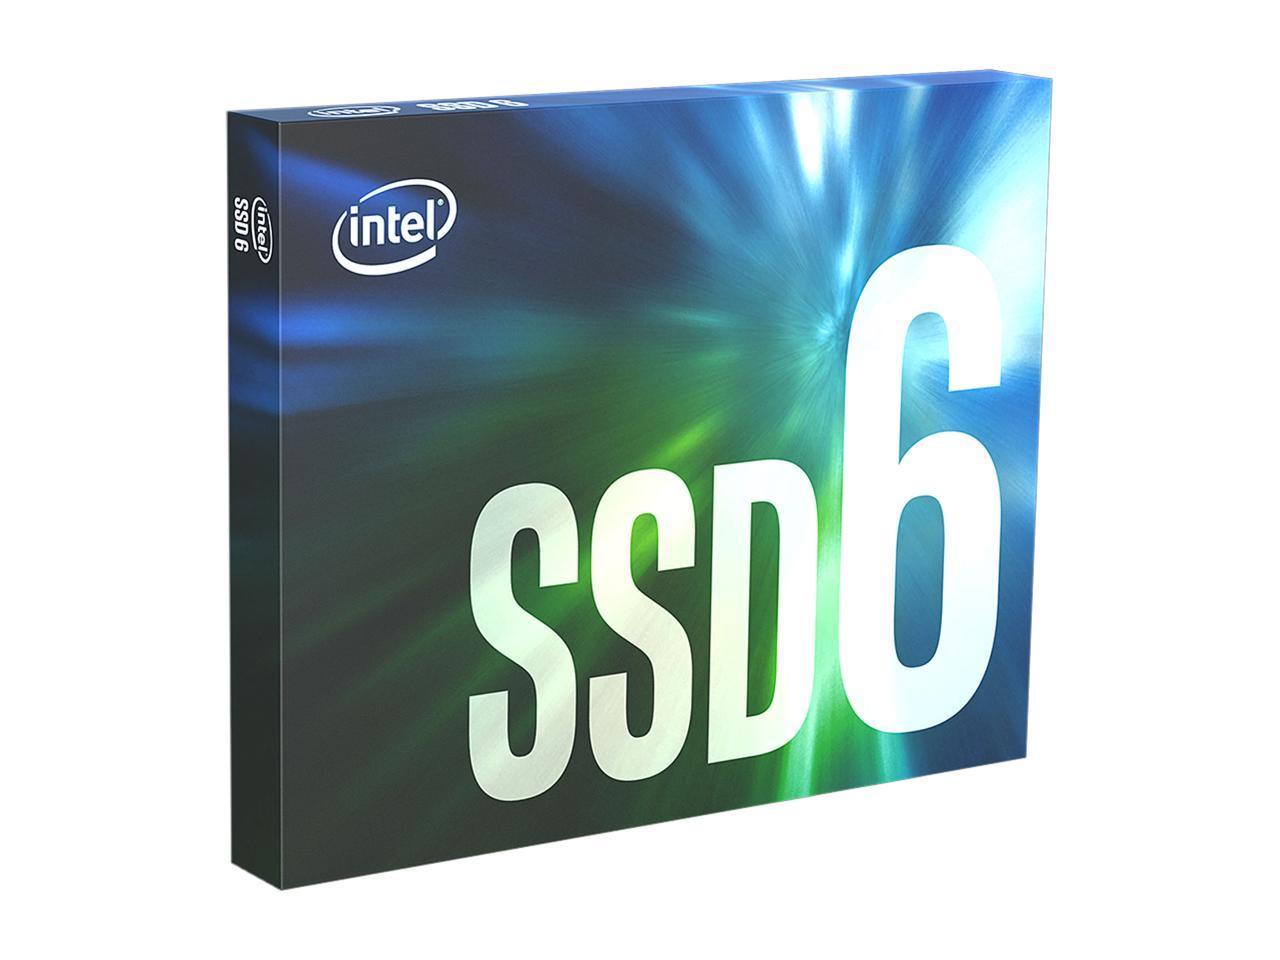 Intel 665p Series M.2 2280 1TB PCIe NVMe 3.0 x4 3D3, QLC Internal Solid State Drive (SSD) SSDPEKNW010T9X1 $109.99